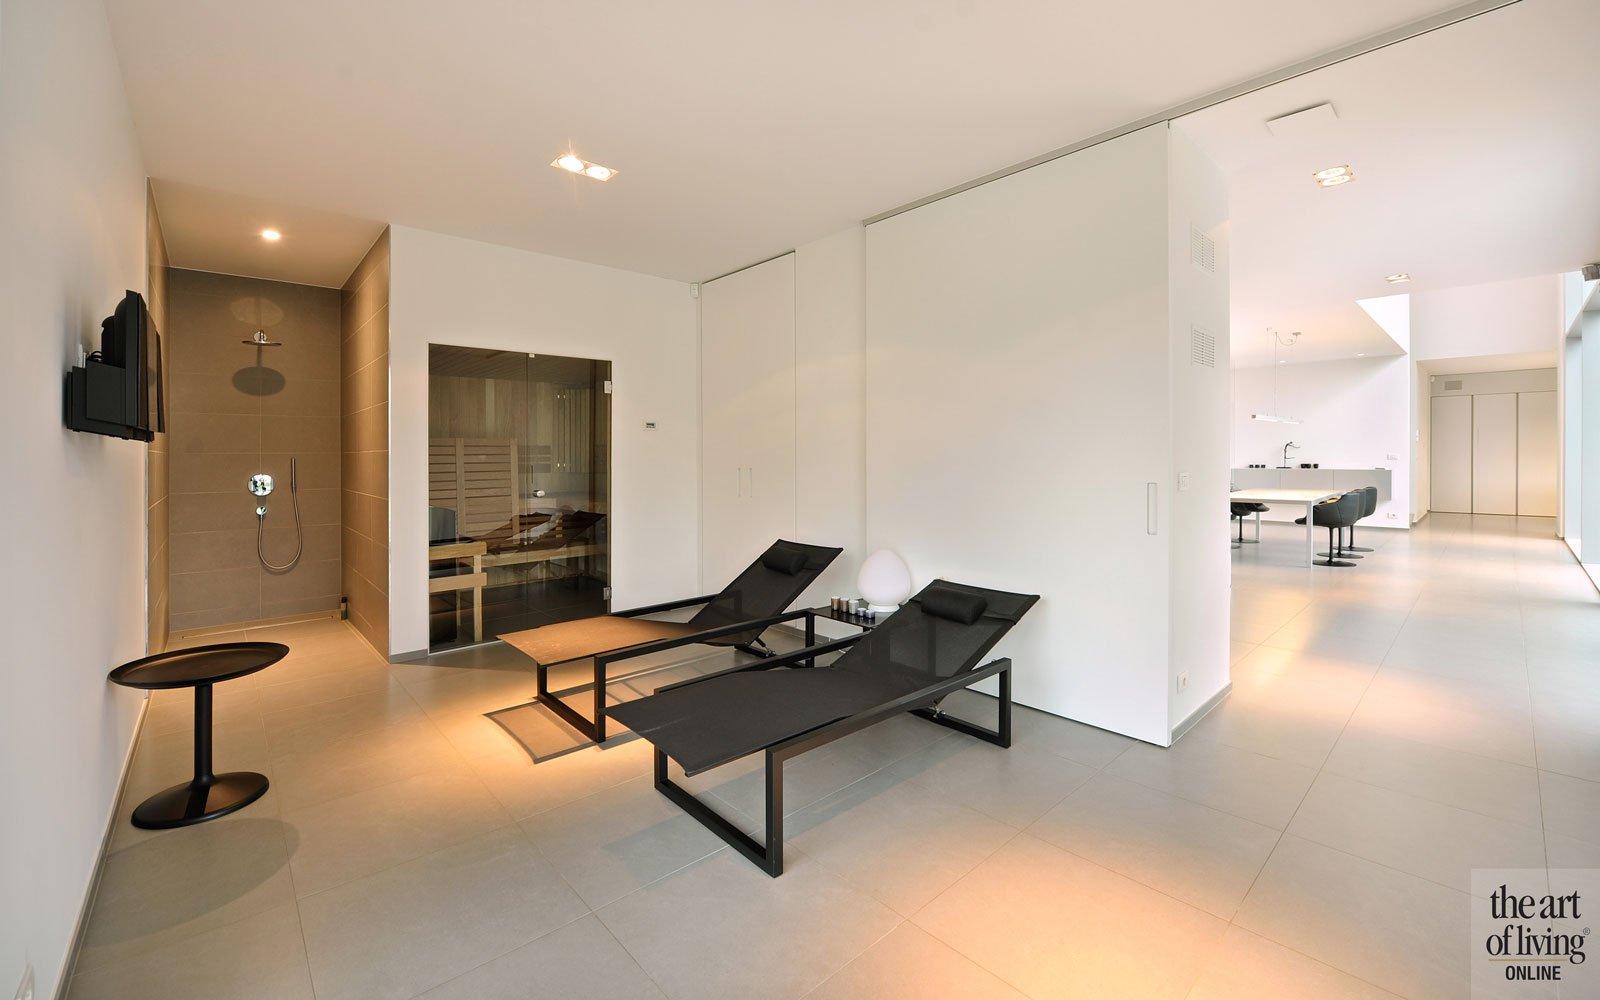 Wellness, sauna, inloopdouche, relaxruimte, makkelijk bereikbaar, tegelvloer, symmetrische woning, Schellen Architecten